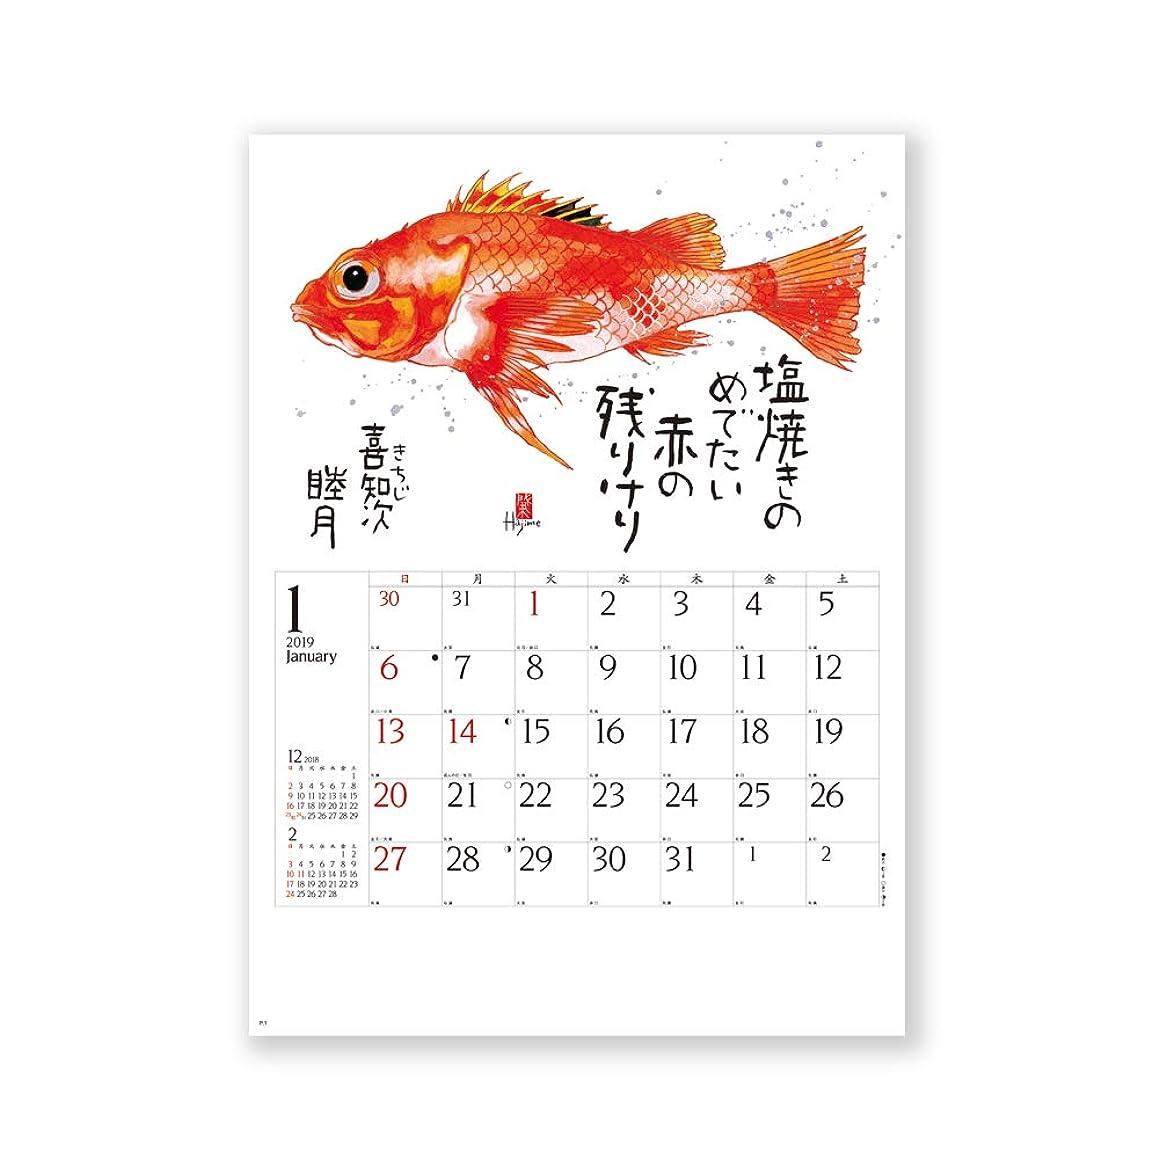 ワークショップ歯一瞬新日本カレンダー 2019年 魚彩時記 岡本肇 カレンダー 壁掛け NK107 (2019年 1月始まり)